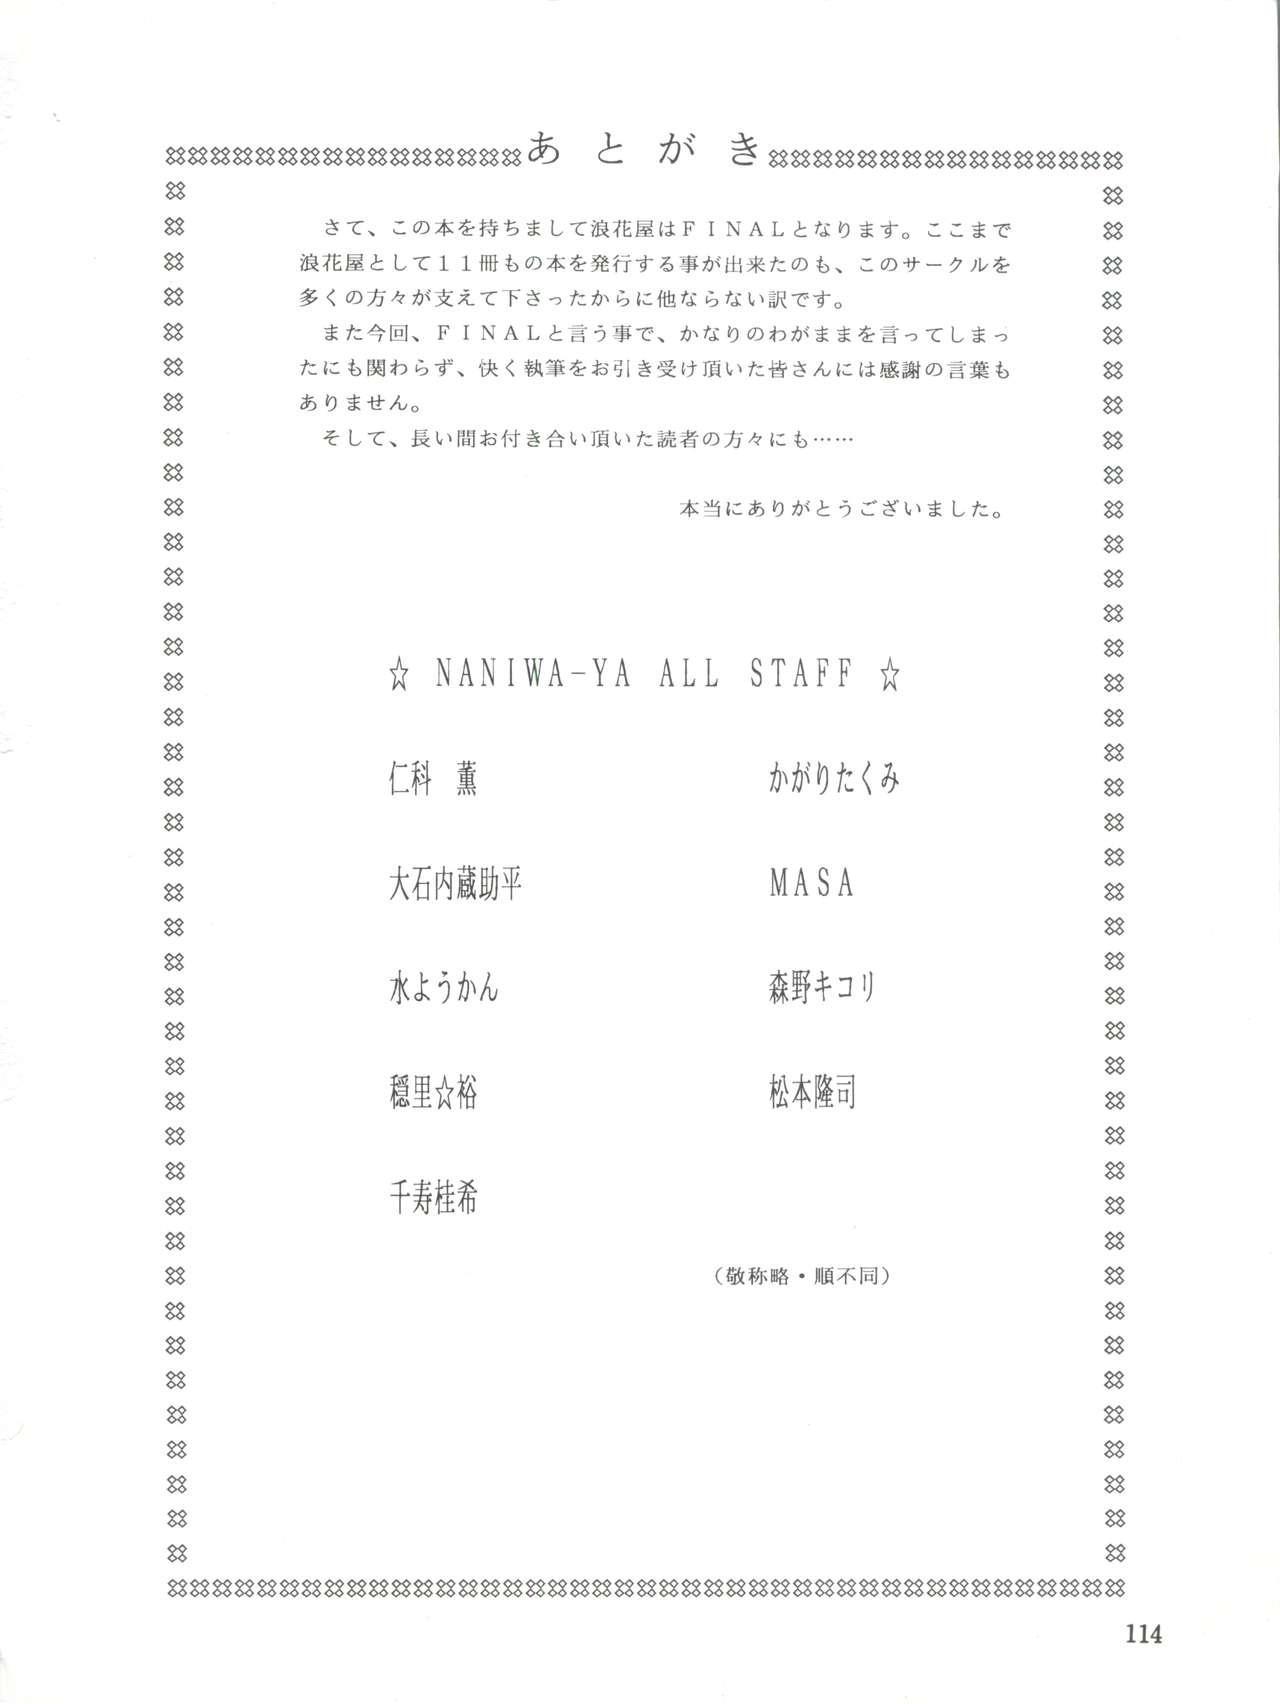 NANIWA-YA FINAL DRESS UP! 113